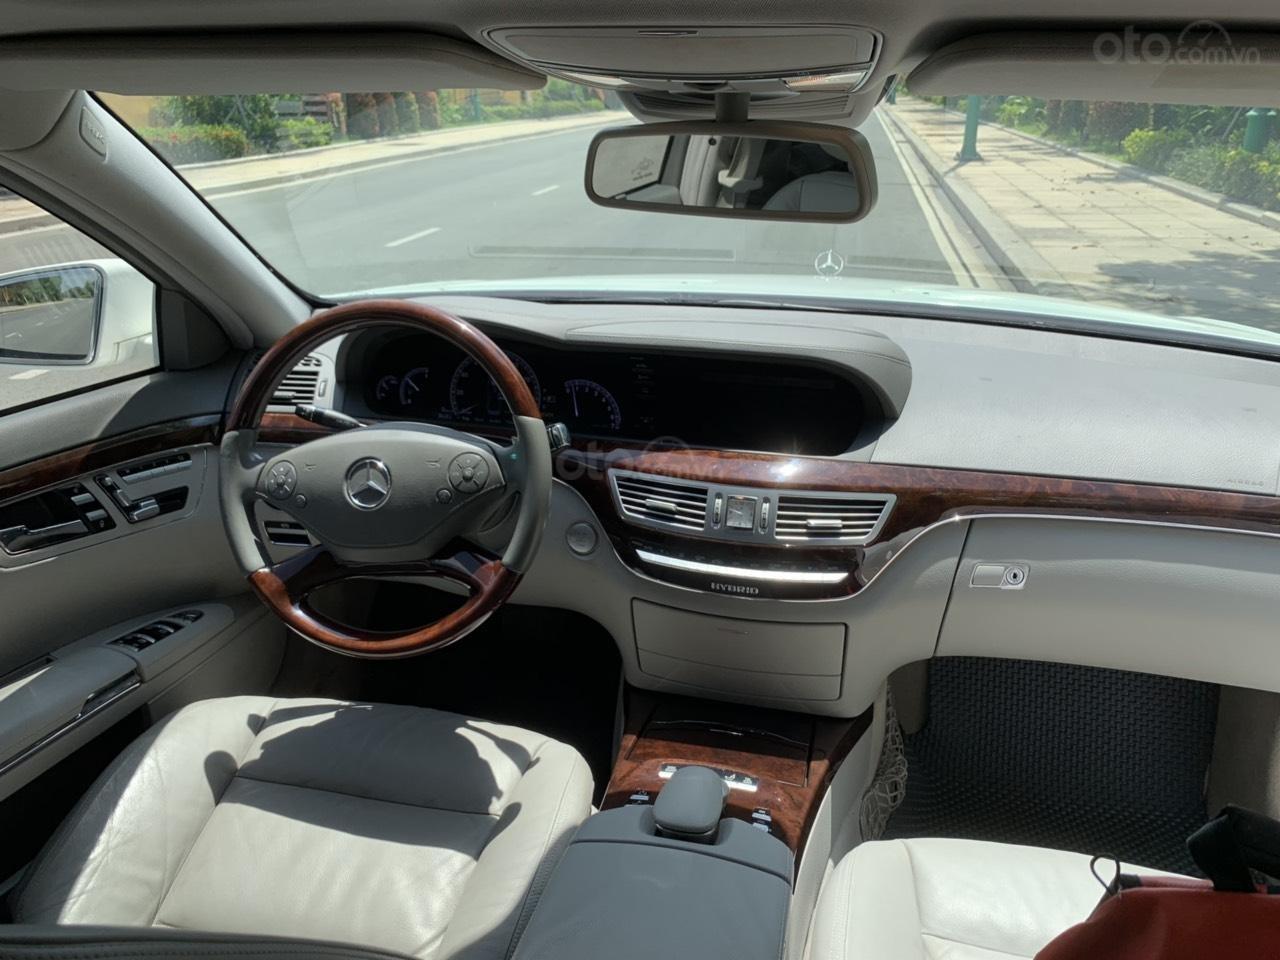 Mercedes S400 Hybrid 2012 nhập khẩu màu trắng, nội thất kem-13